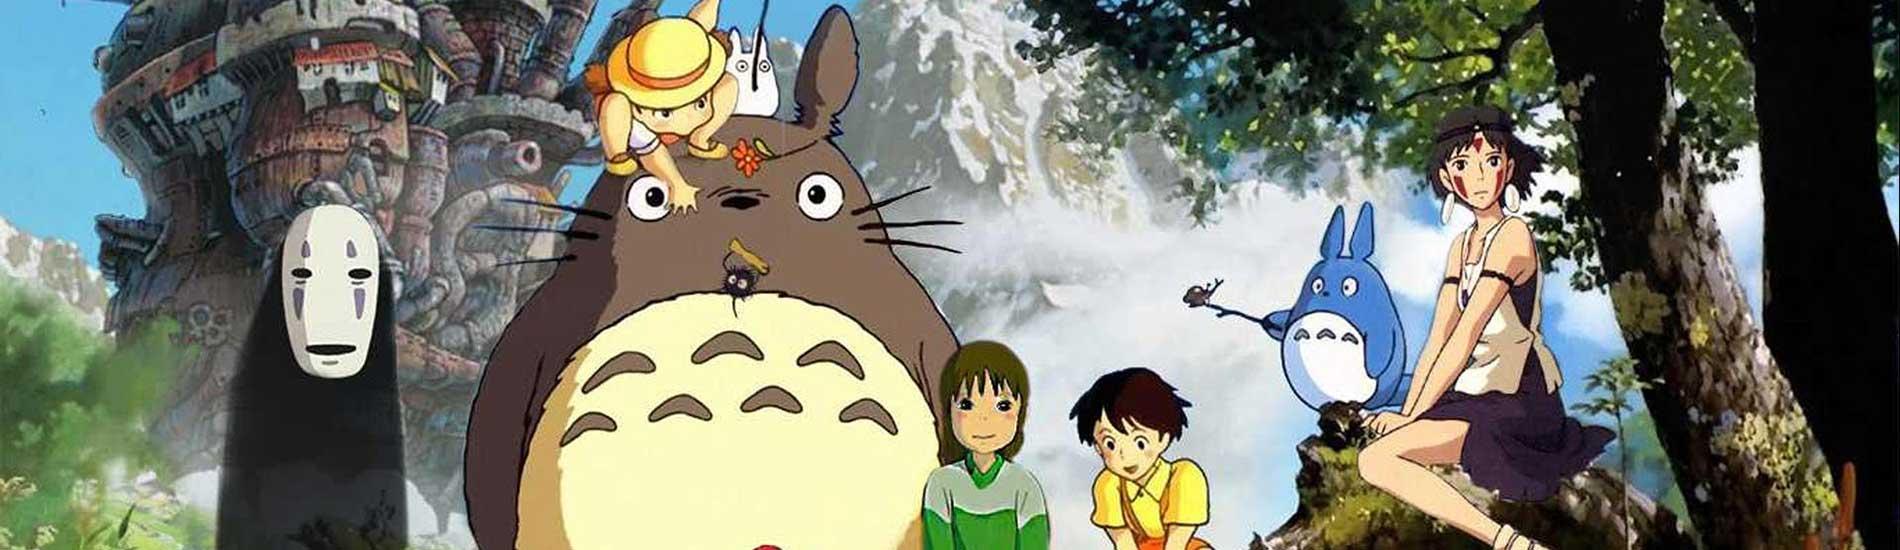 Las Mejores Películas de Anime de la Historia